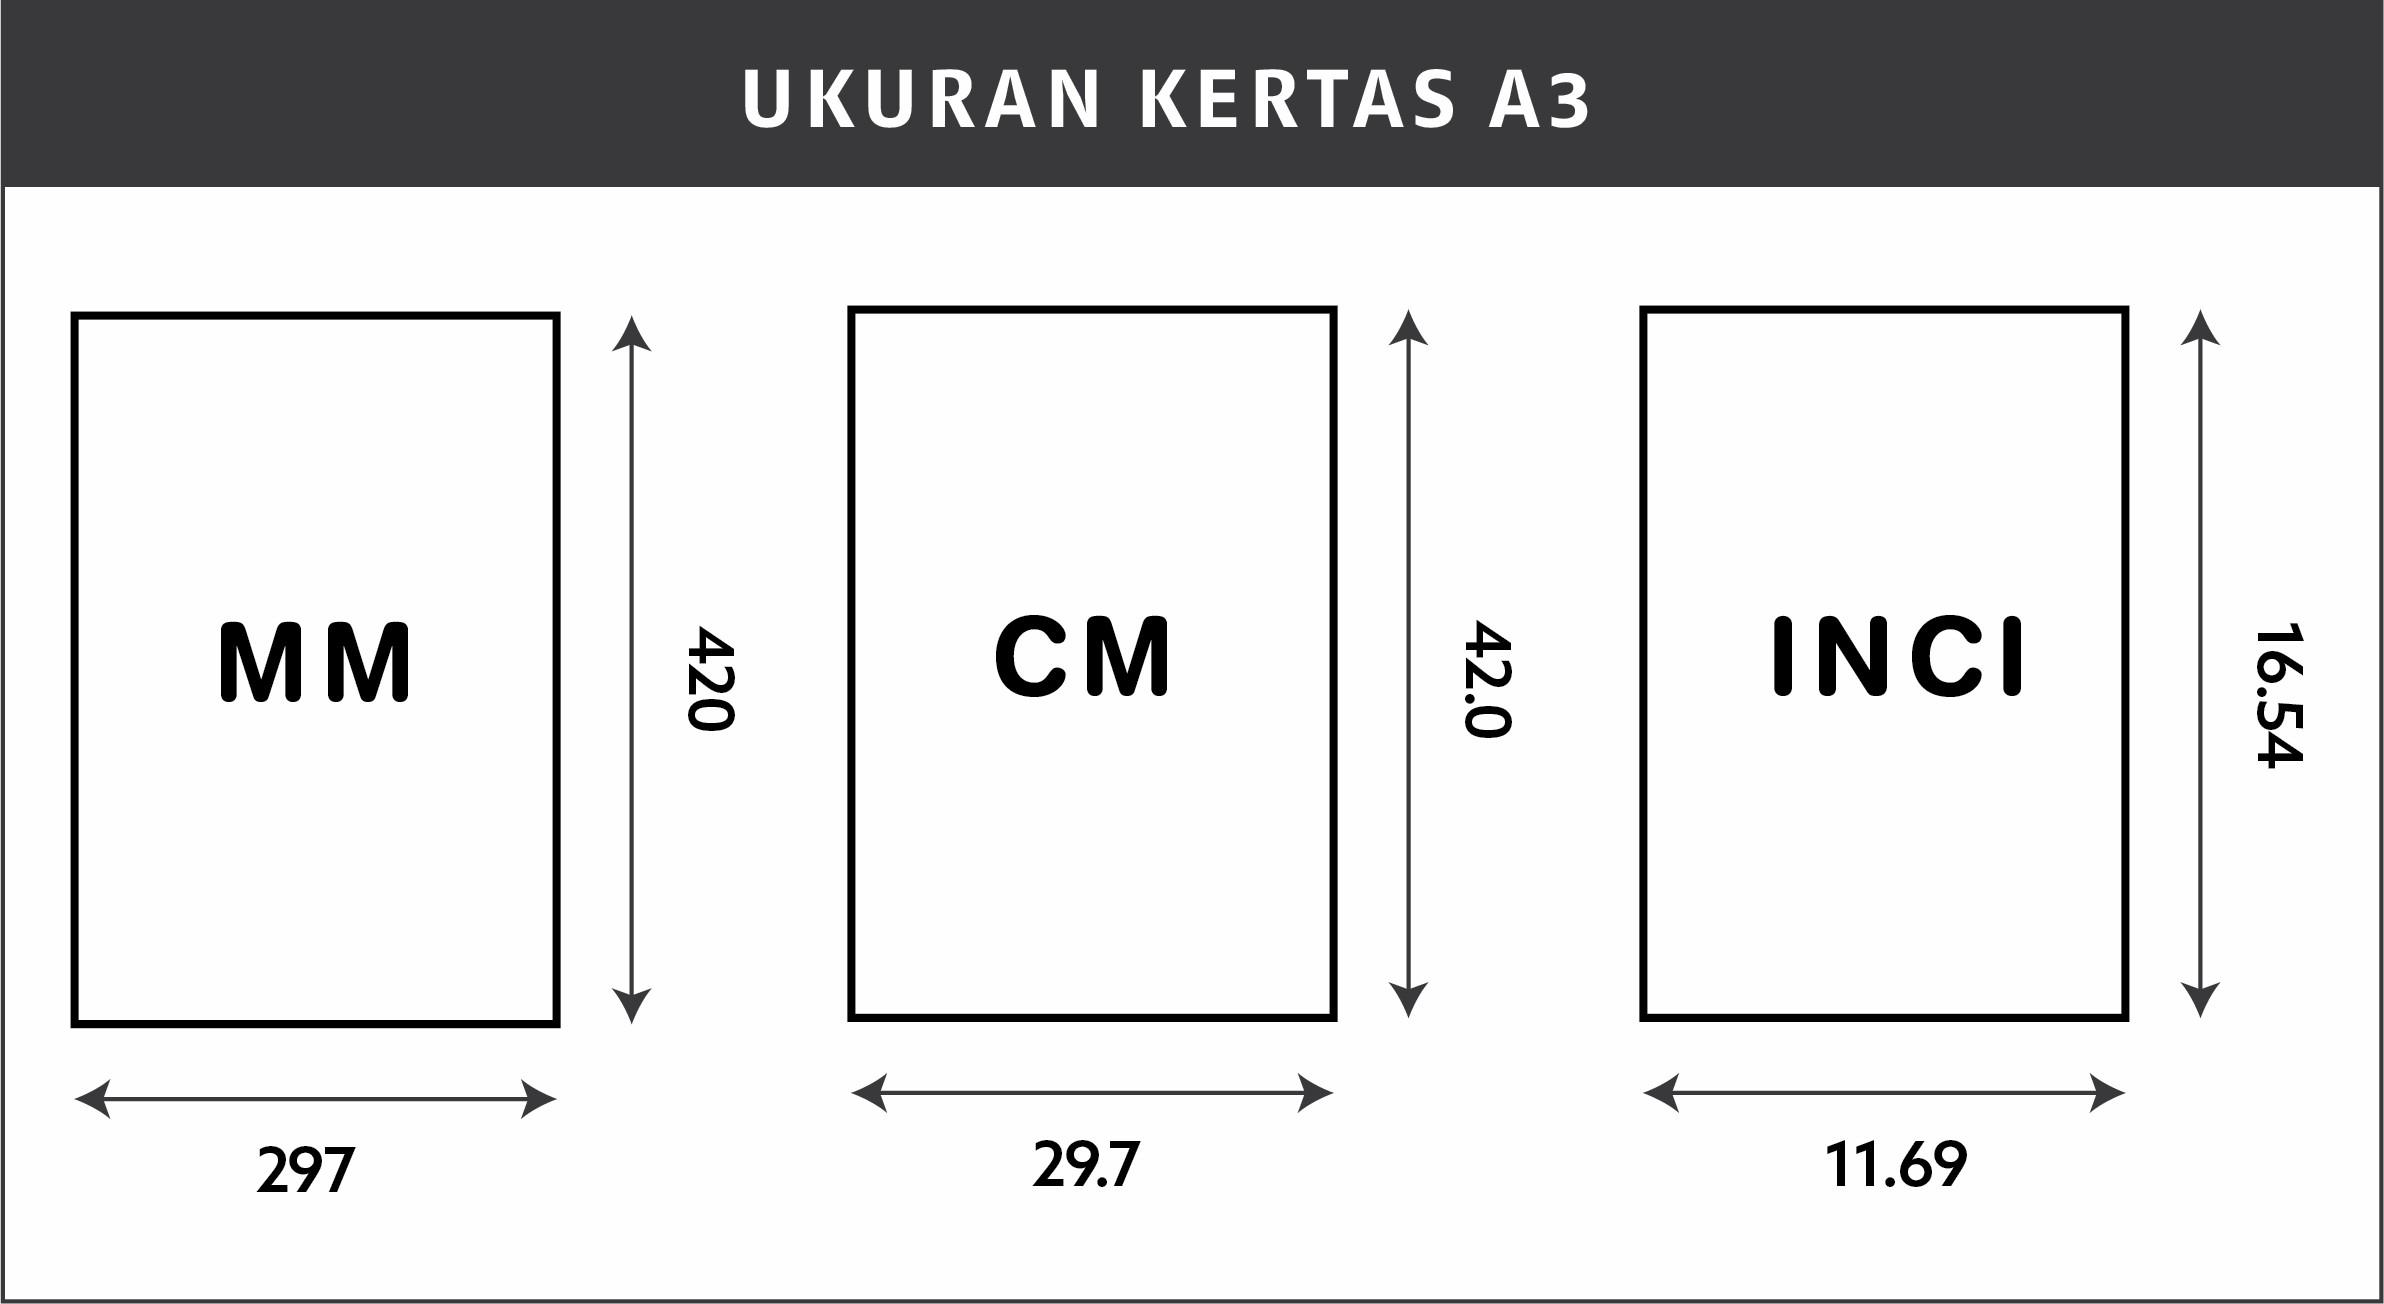 Ukuran Kertas A3 dalam cm, mm, inci